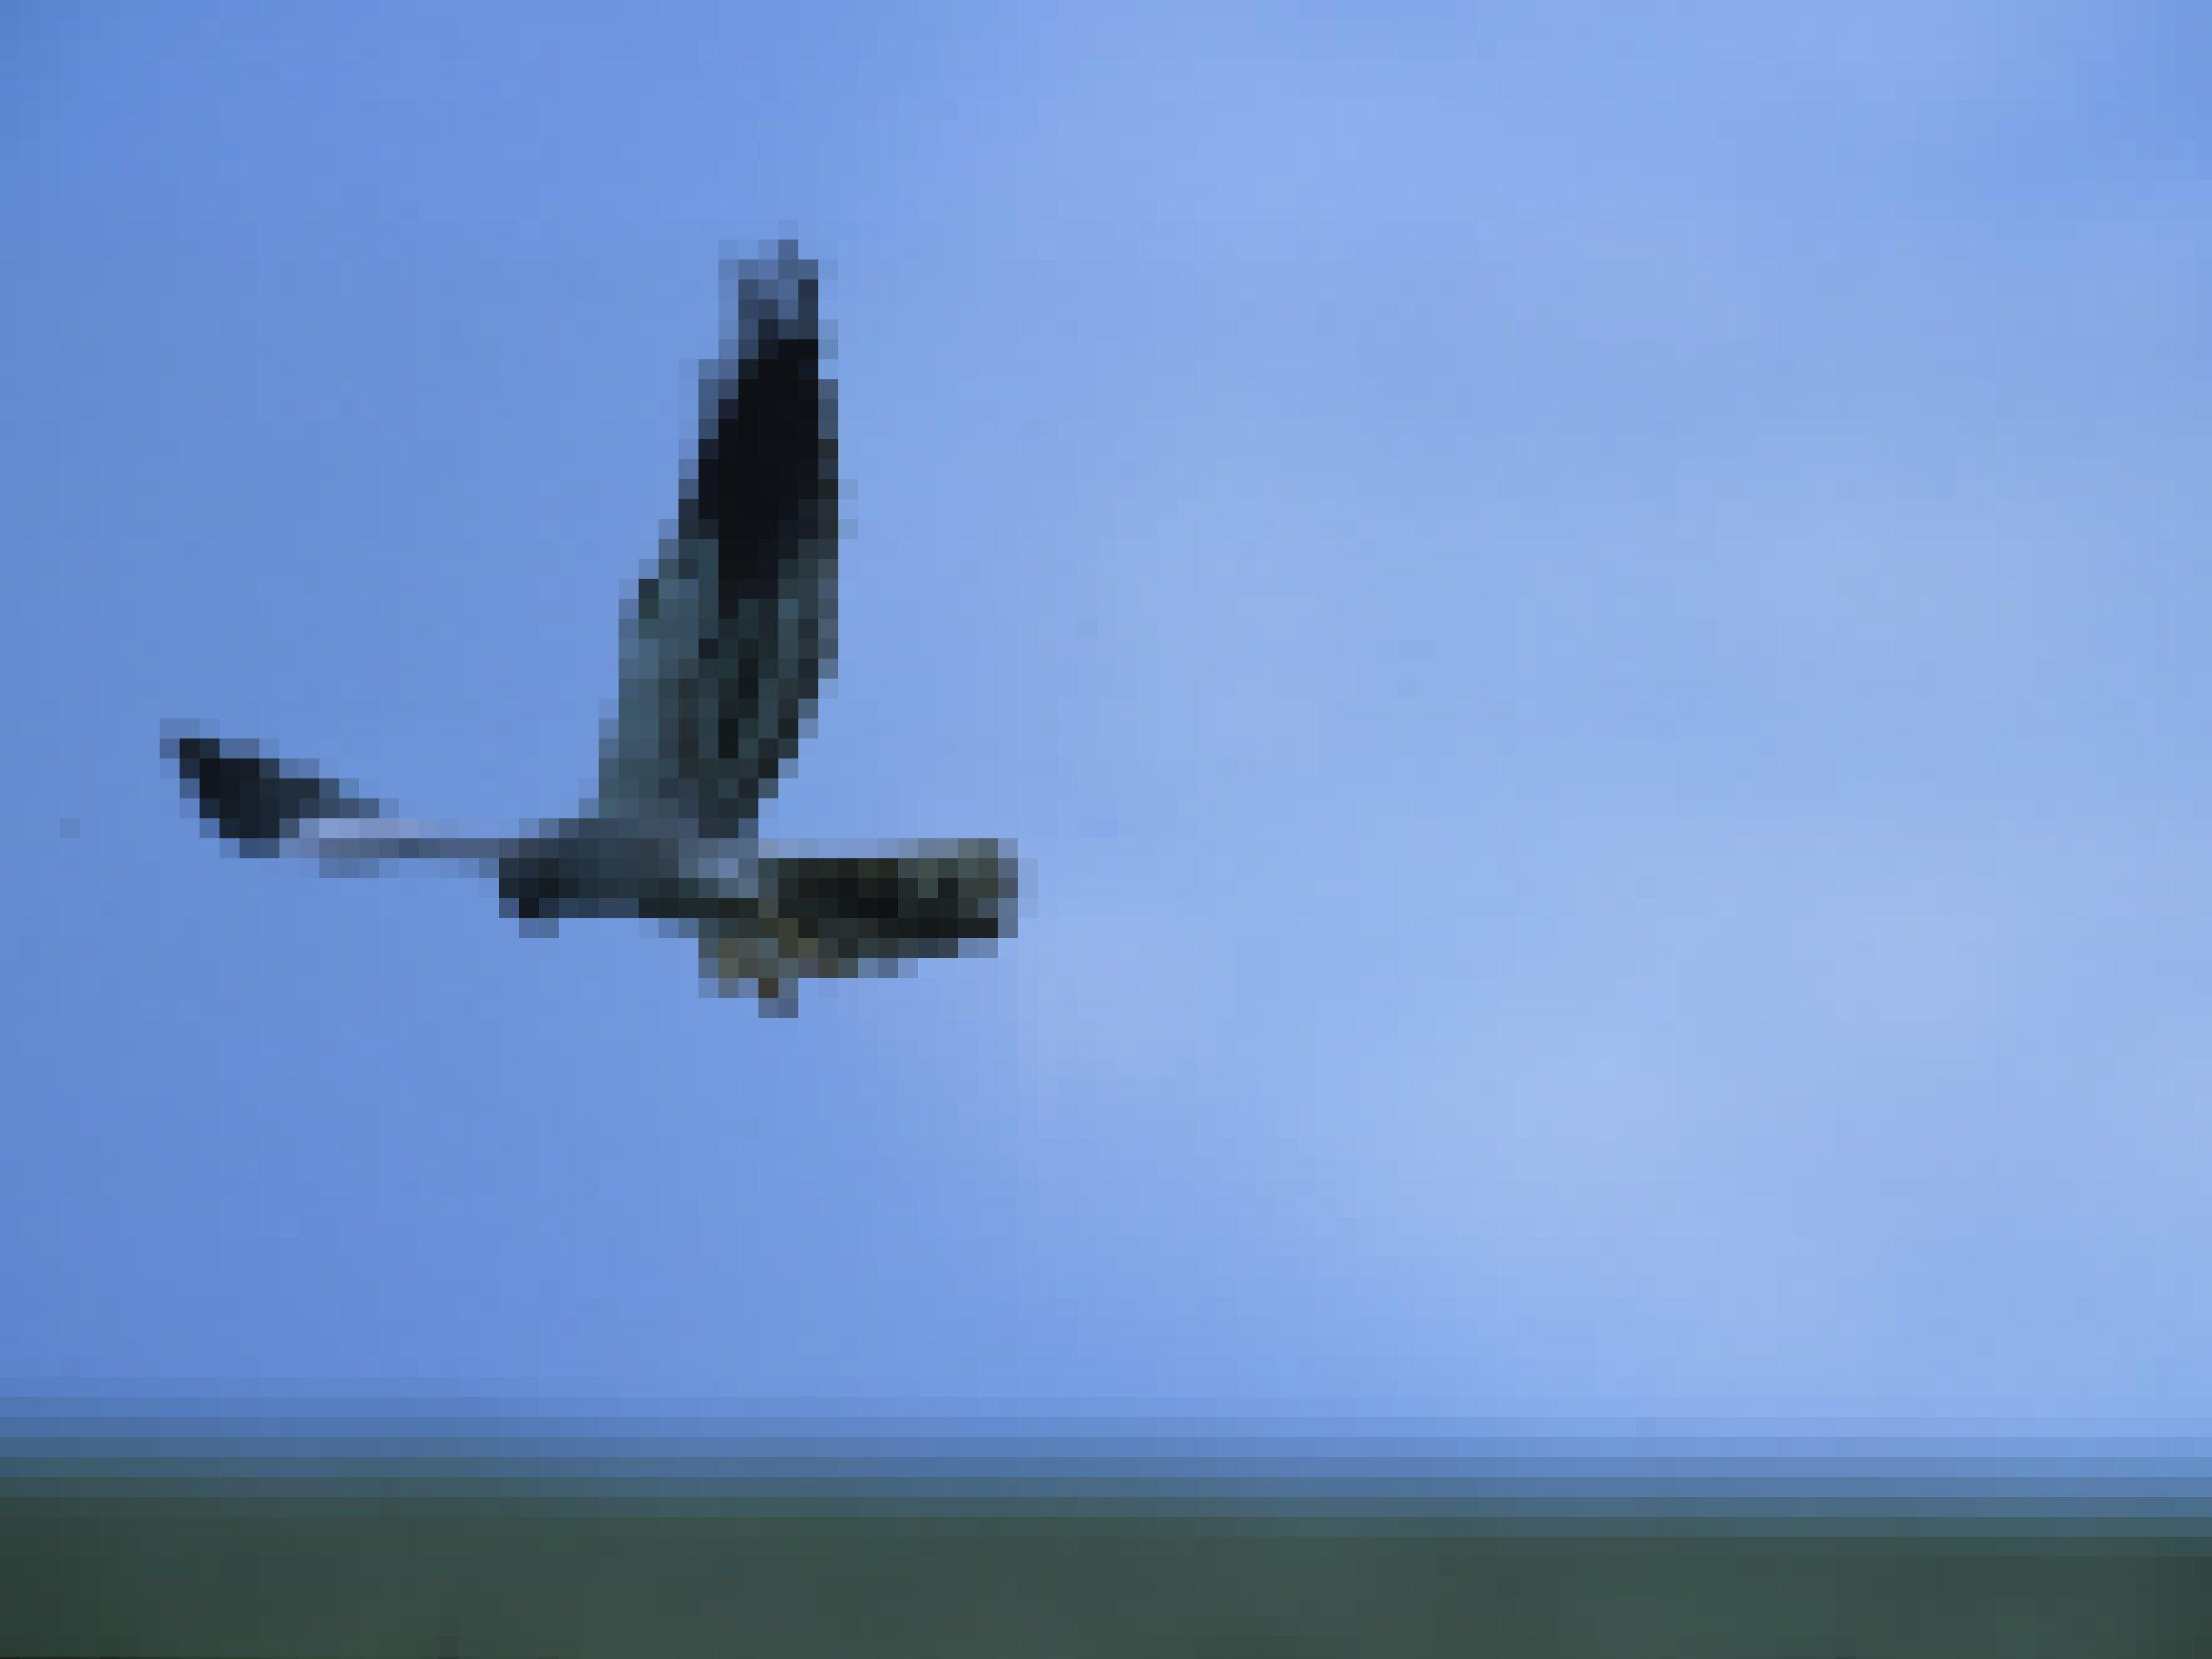 Eine Wiesenweihe rüttelt über einer Wiese, auf der Suche nach Nahrung.